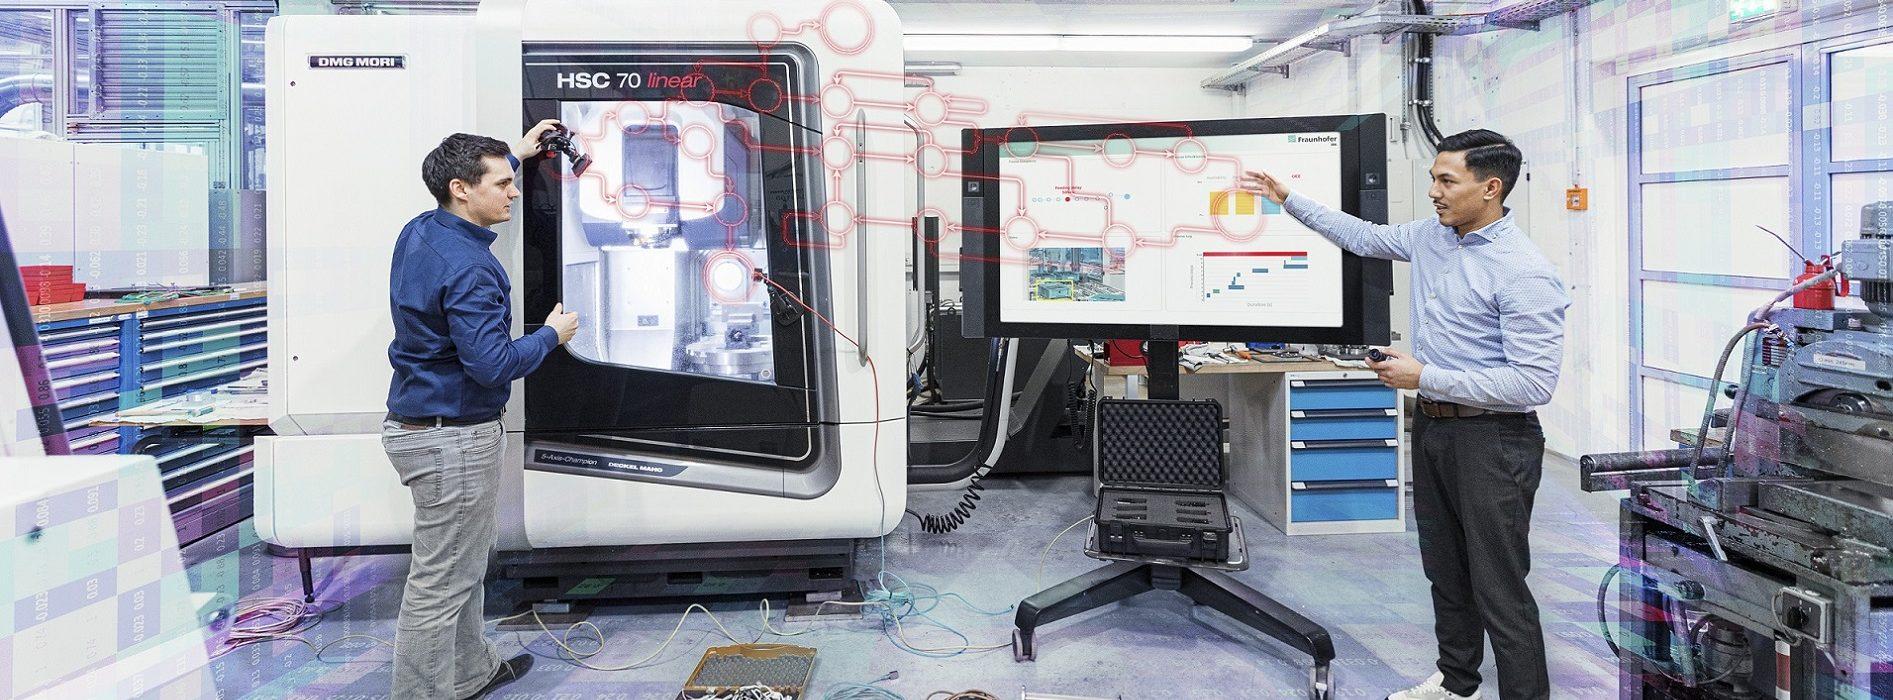 Smart, effizient und vernetzt - so soll die Produktion mithilfe von Zukunftstechnologien gestaltet sein.